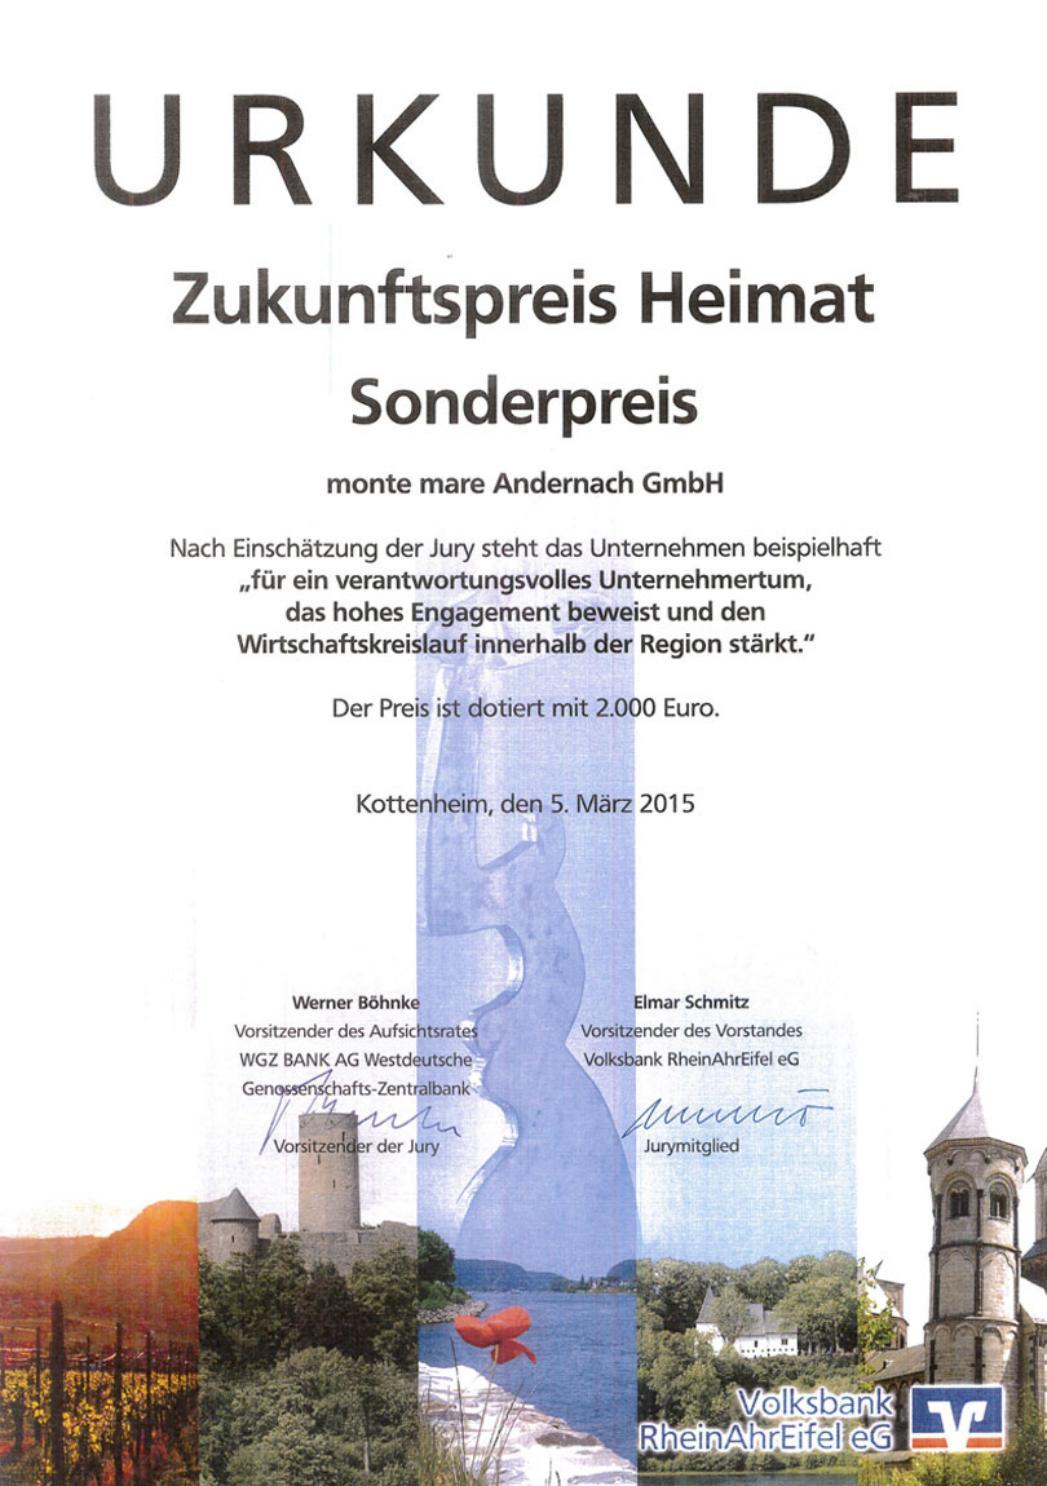 Zukunftspreis Heimat der Volksbank RheinAhr Eifel eG - monte mare Andernach